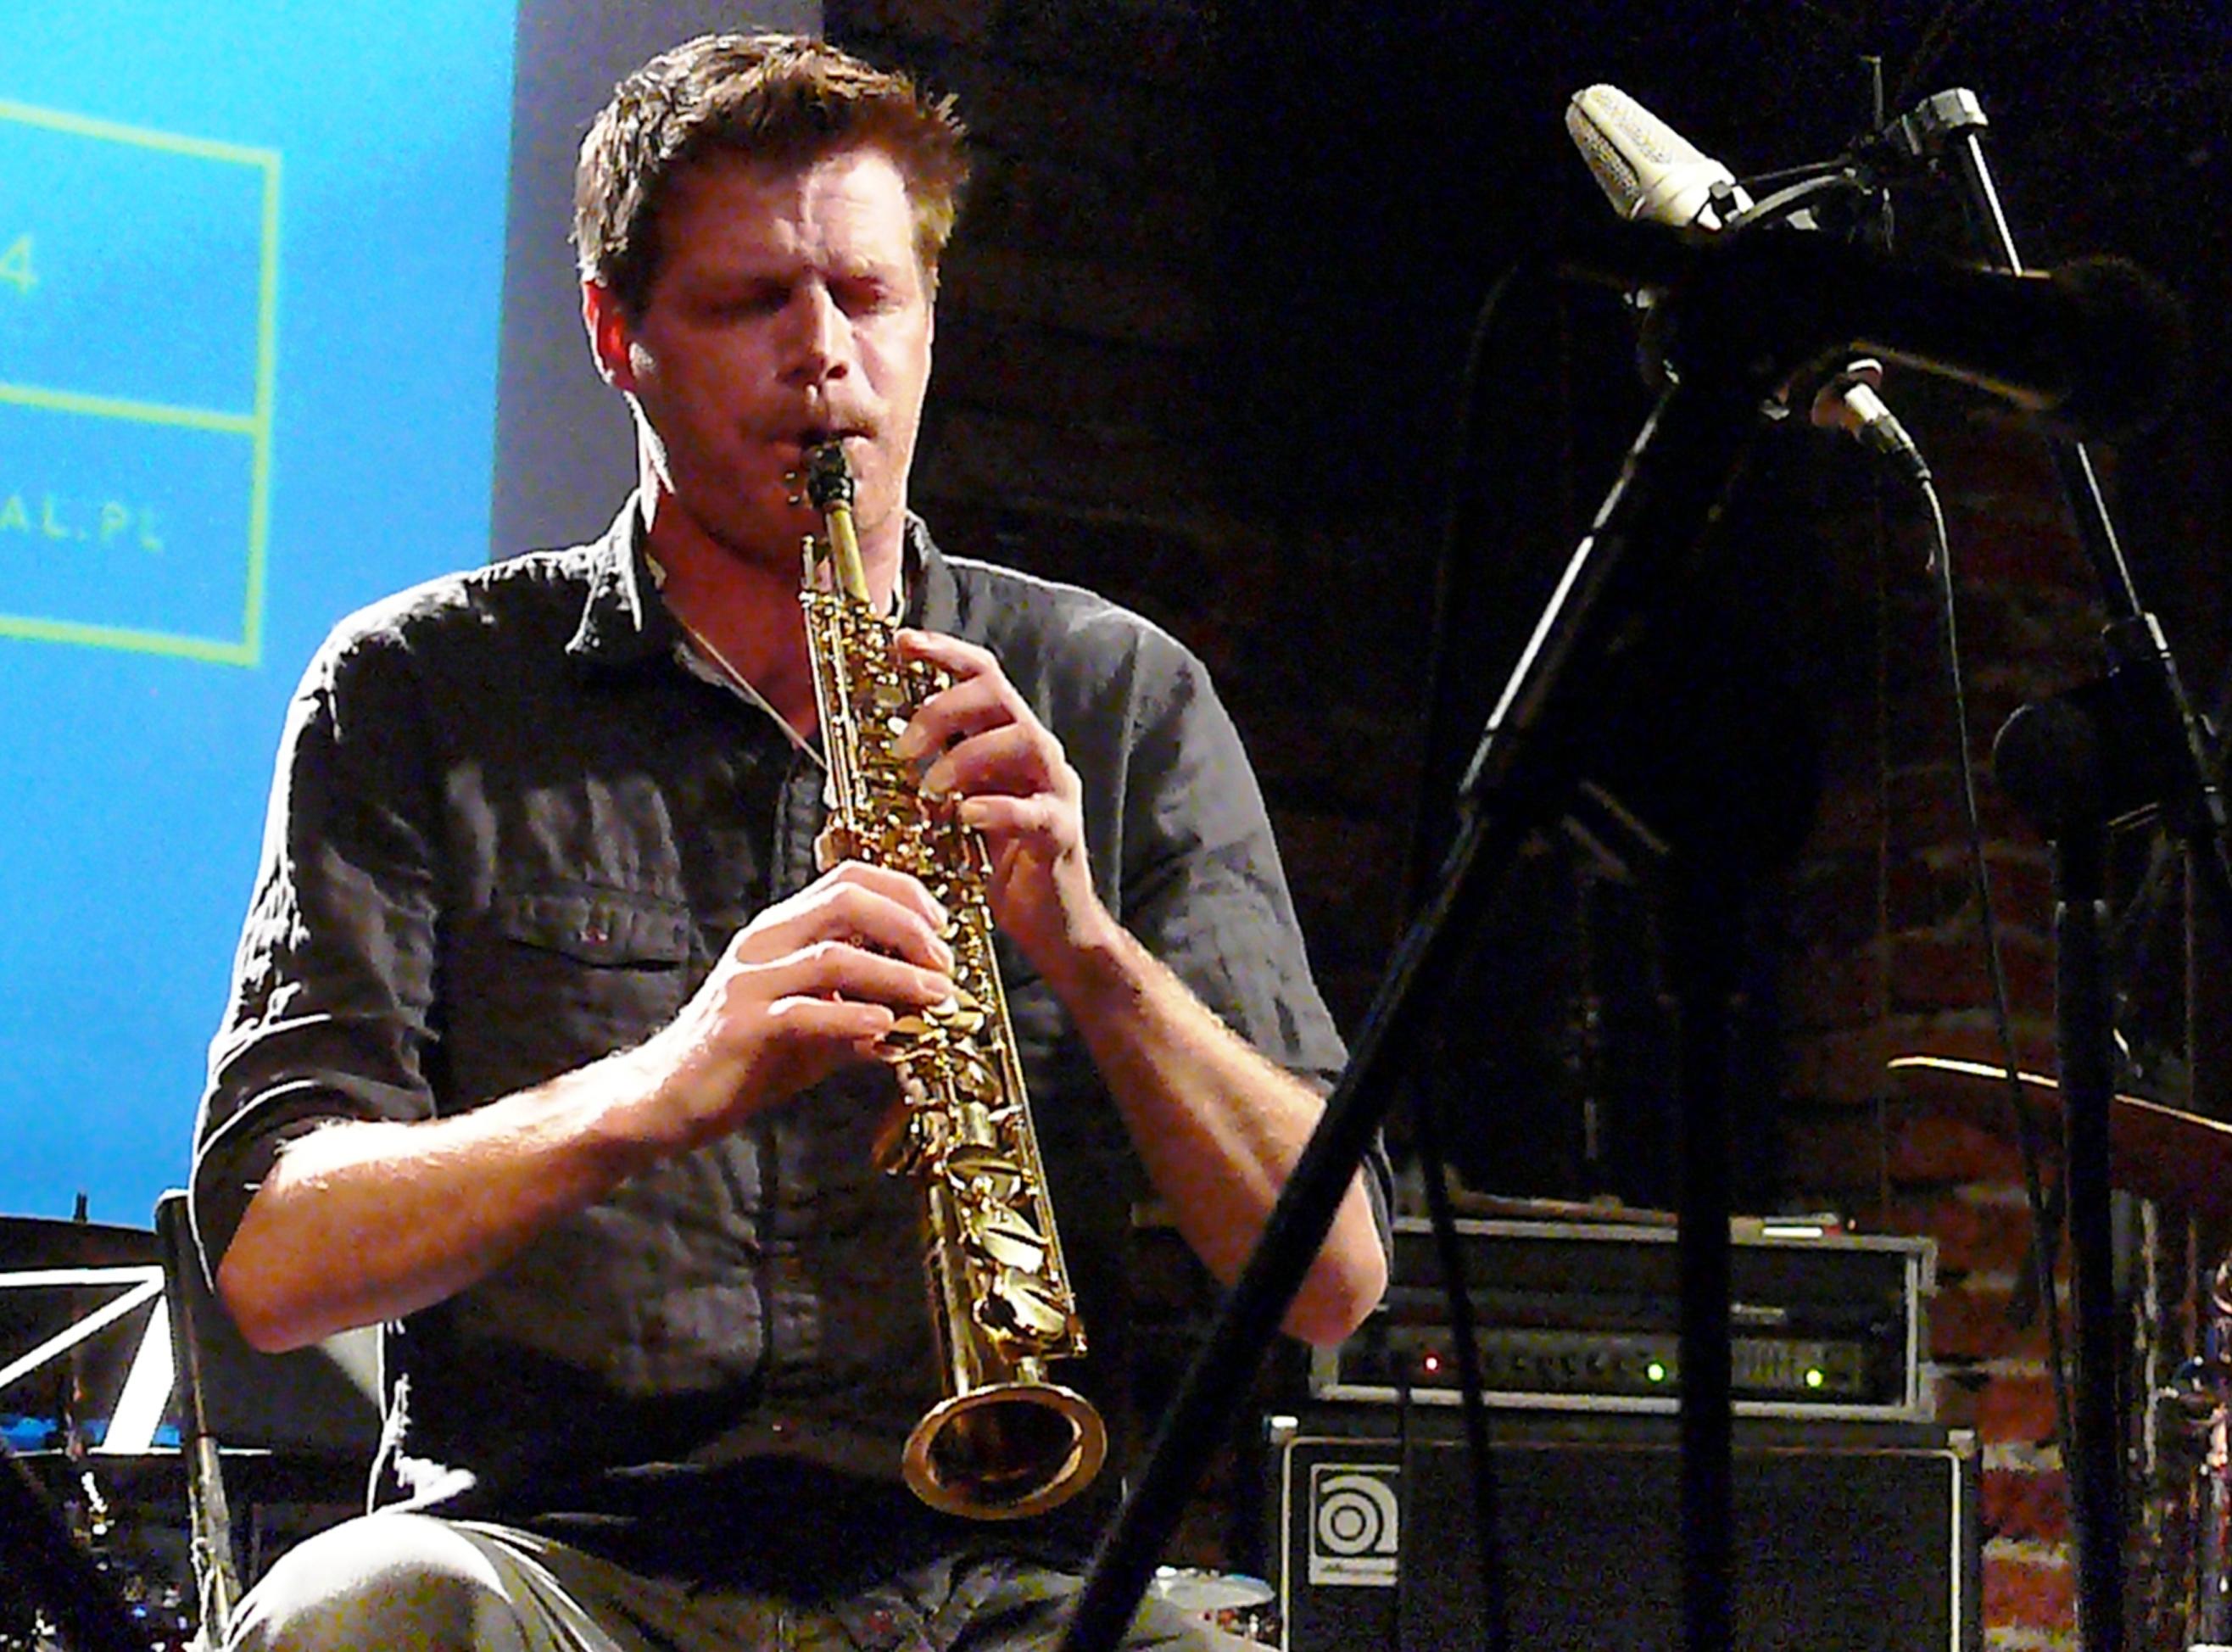 Torben Snekkestad at Alchemia, Krakow in November 2014